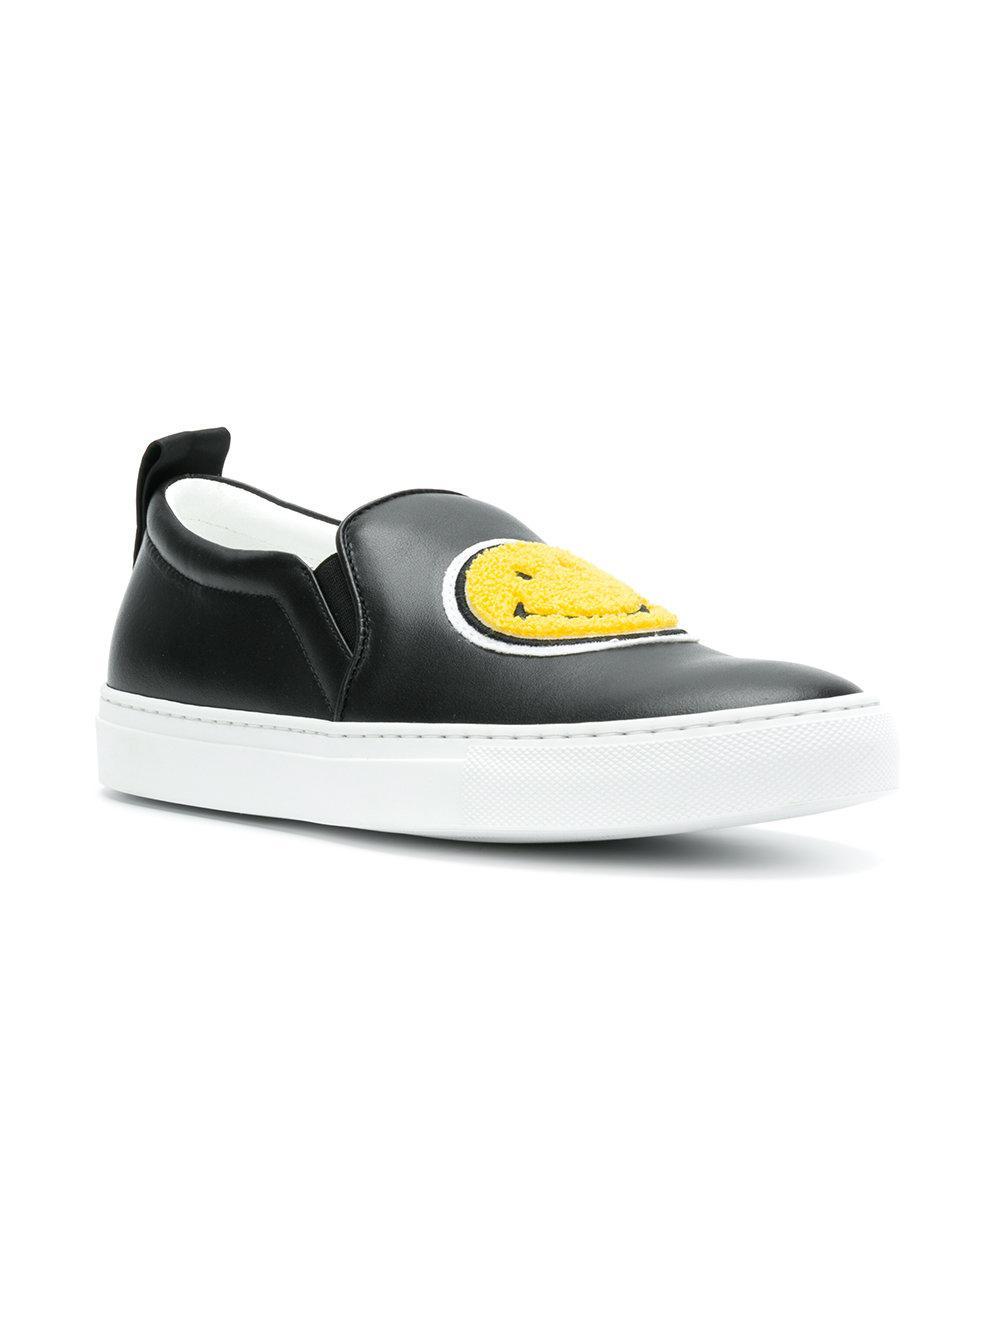 Joshua Sanders Leather Smiley Sneakers in Black